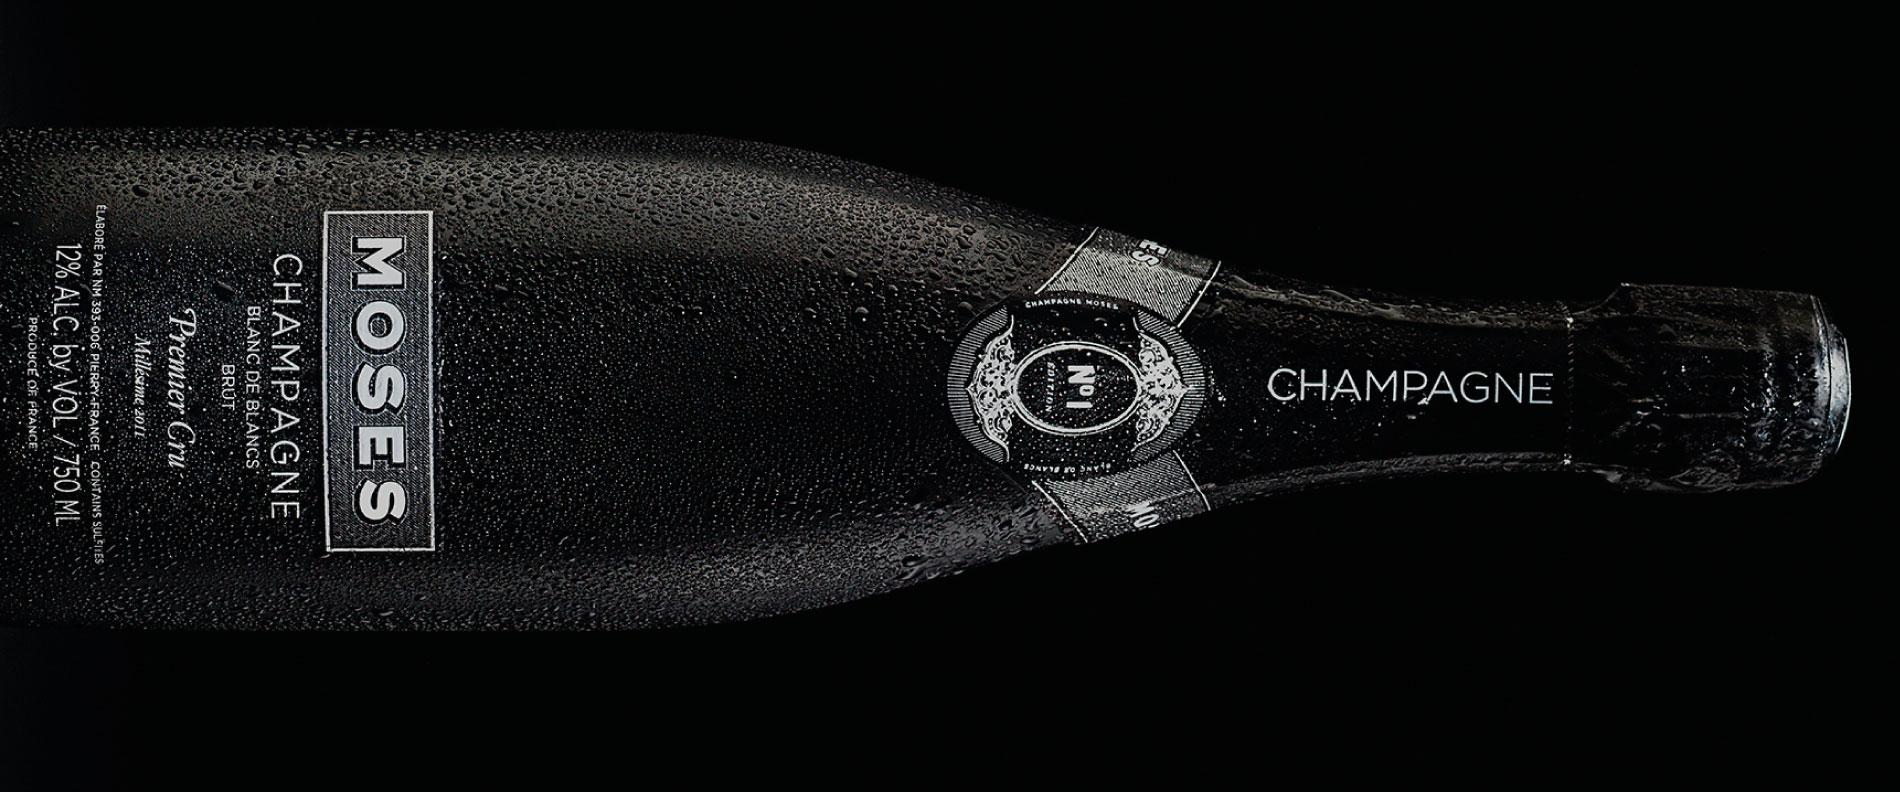 moses-champagne-habla